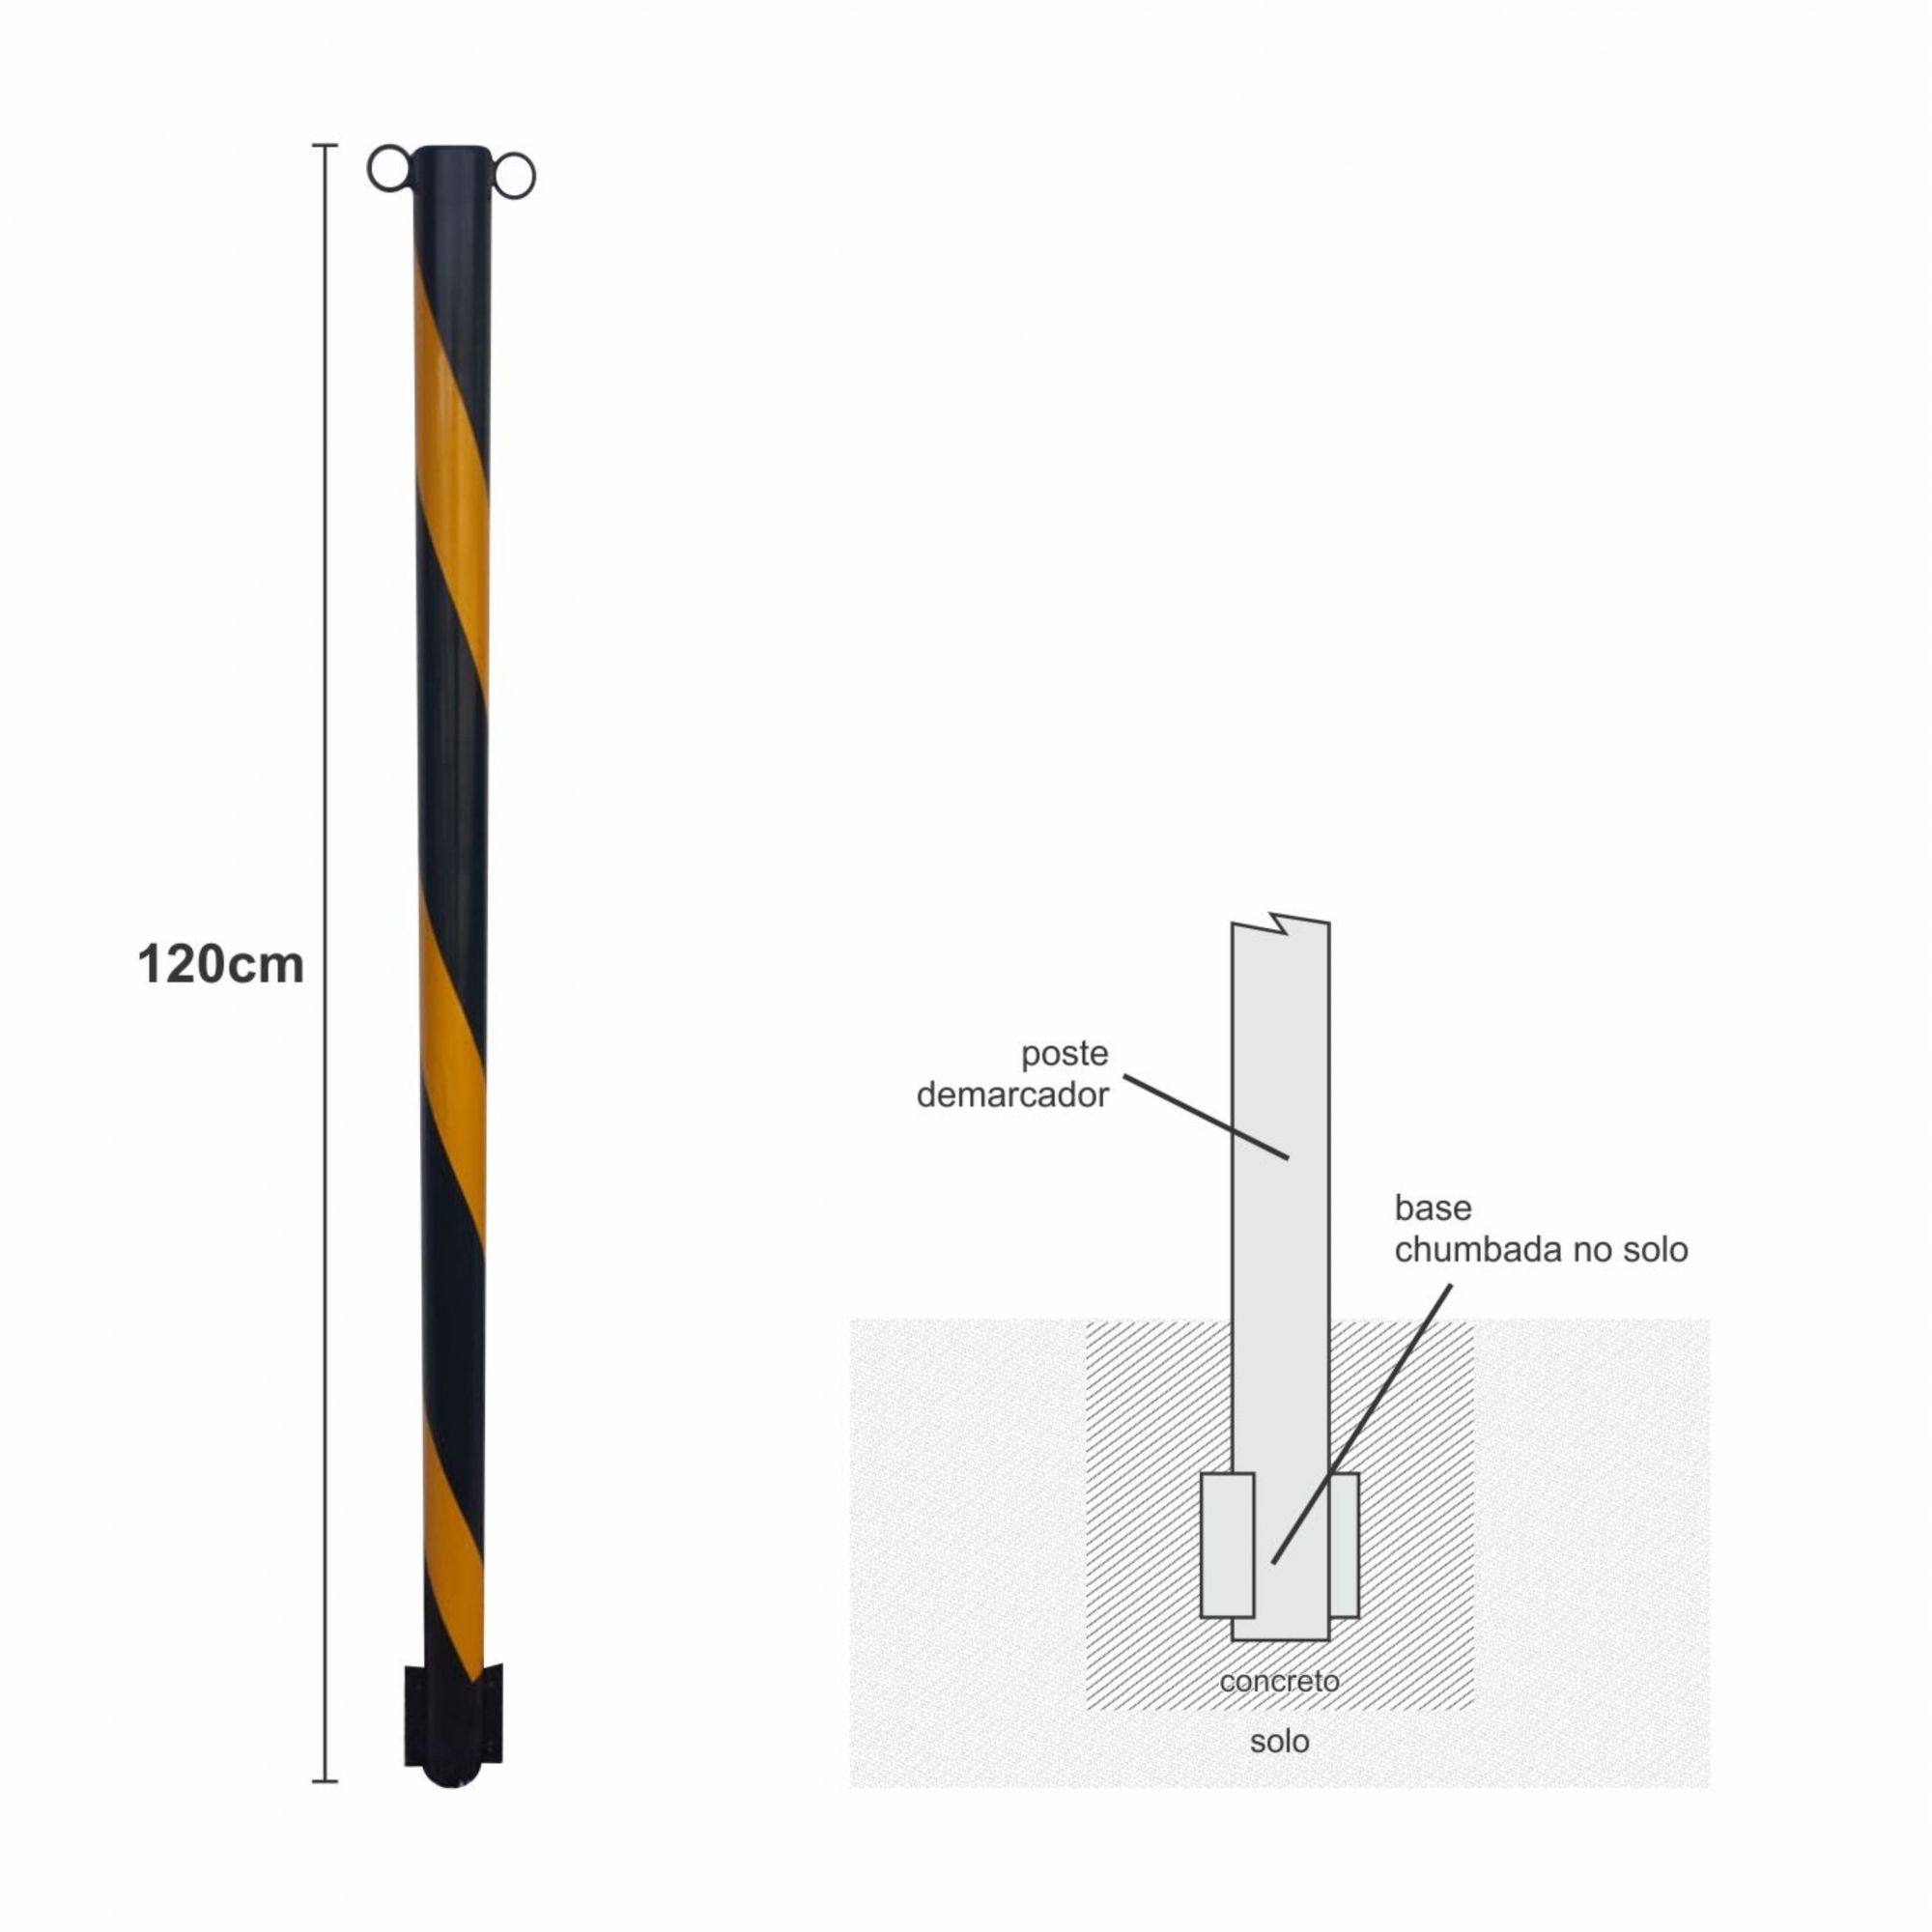 Poste demarcador de estacionamento fixo  - Towbar Sinalização de Segurança